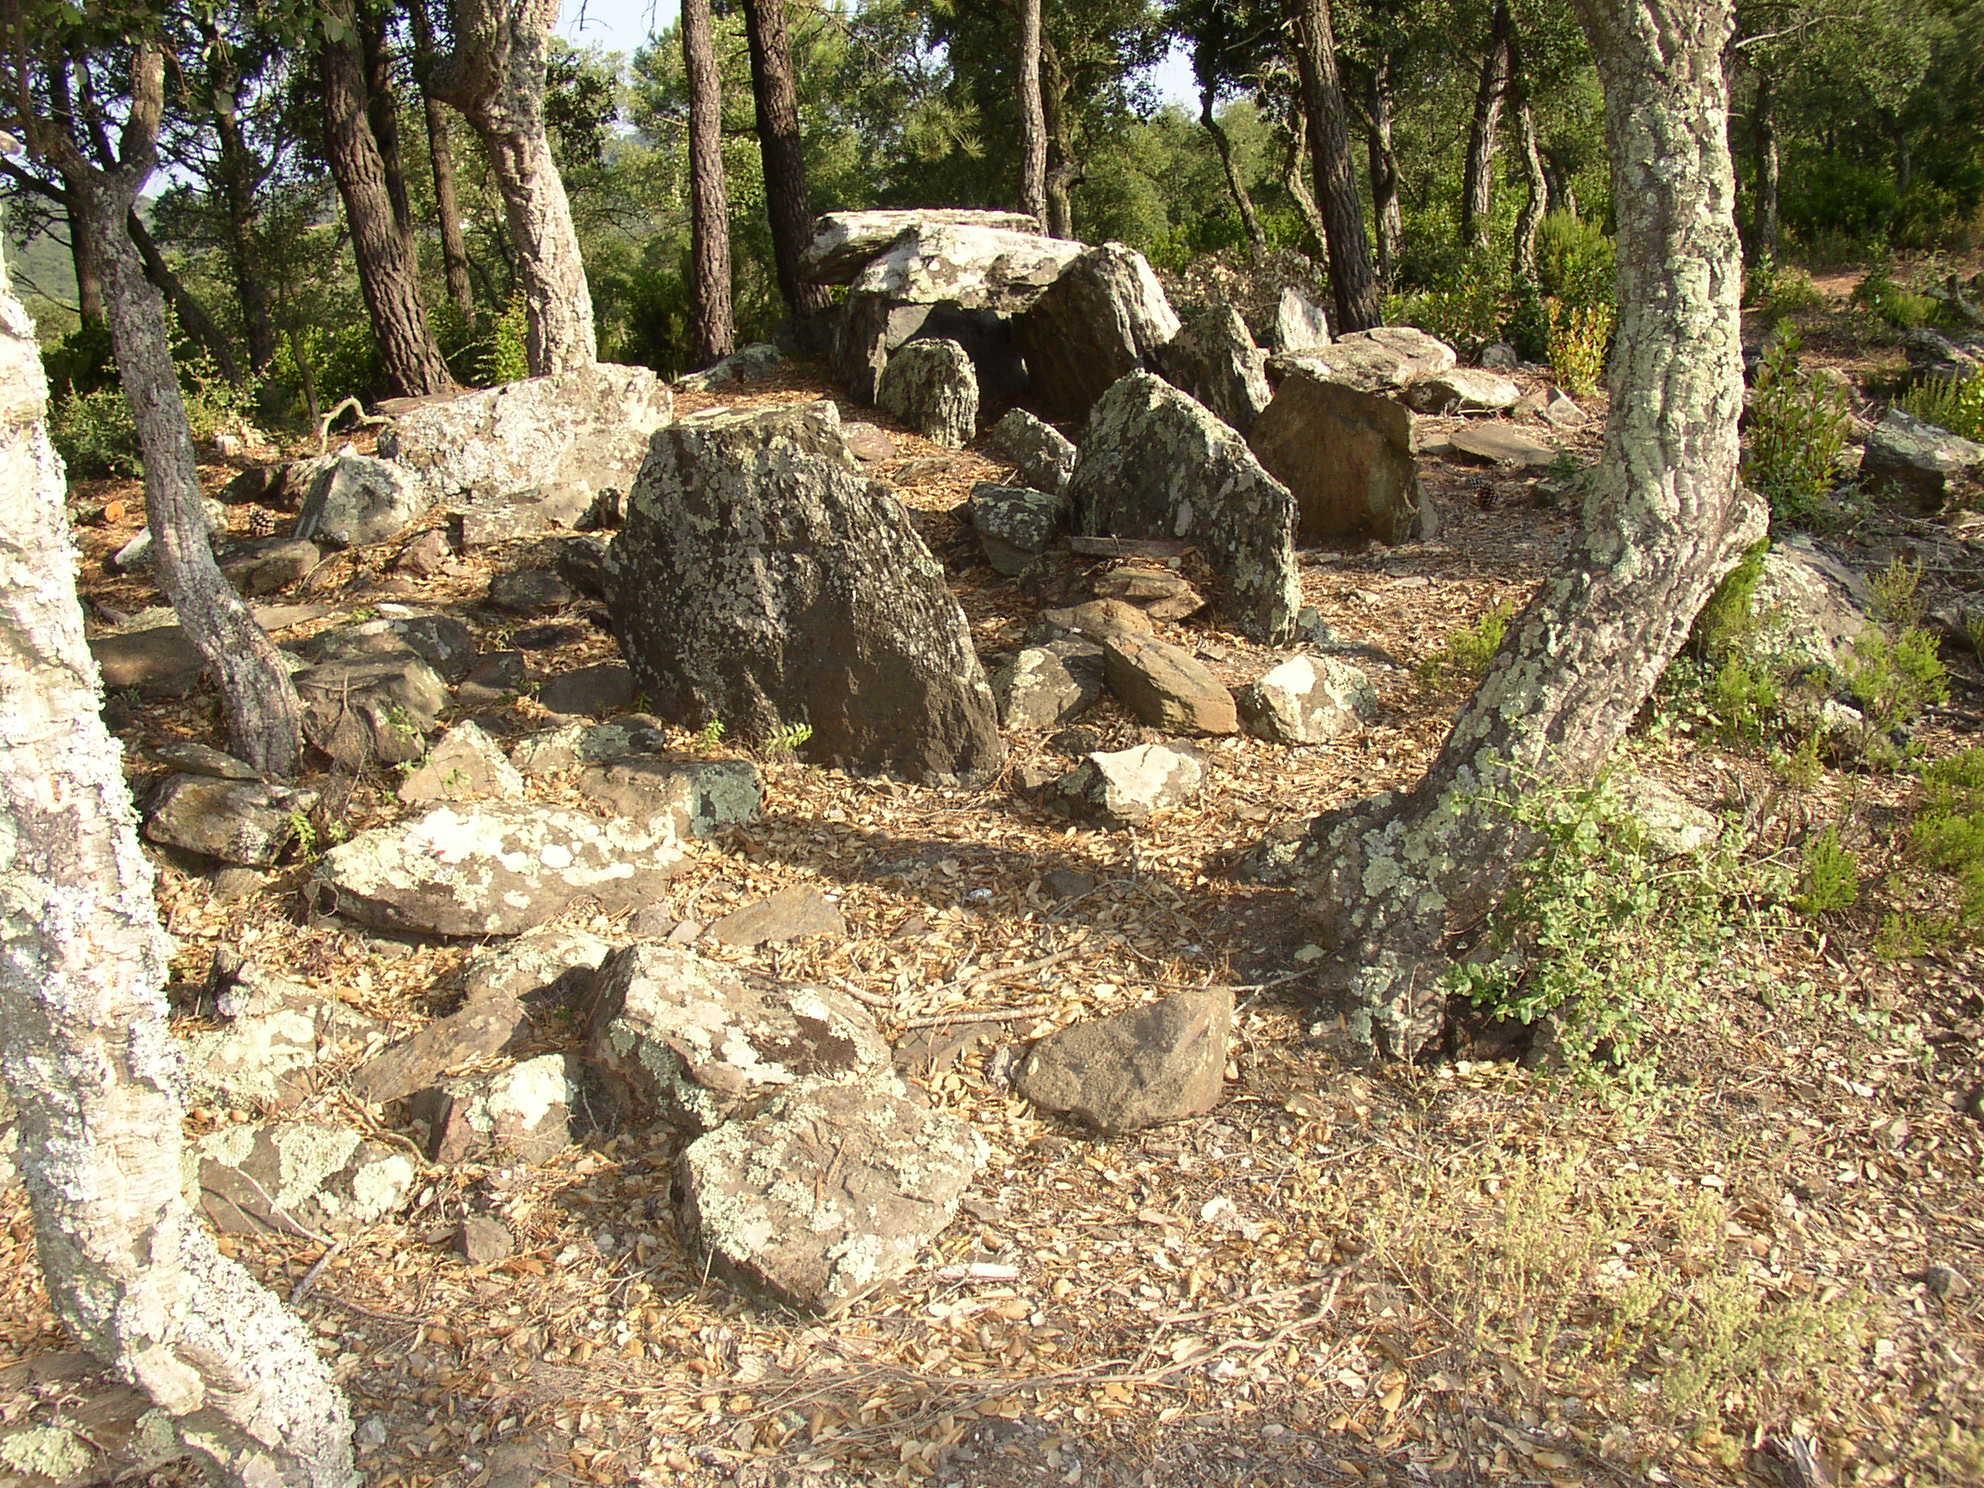 El massís de les Gavarres atresora un important patrimoni megalític. La zona de Fitor és una de les que ostenta més concentració d'aquests elements. A la imatge és veu el dolmen del Mas Estanyet, en el qual si observa l'entrada, el corredor d'accés i la cambra funerària al fons. Aquesta es composa per unes lloses que la delimitant-la i unes altres que la cobreixen. Al voltant d'aquesta estructura també és visible el cromlech, un cinturó de pedres que aguantava el túmul de terra que tapava l'estructura de pedra. El que veiem avui dia amb la imatge hem d'imaginar que s'enterrava.